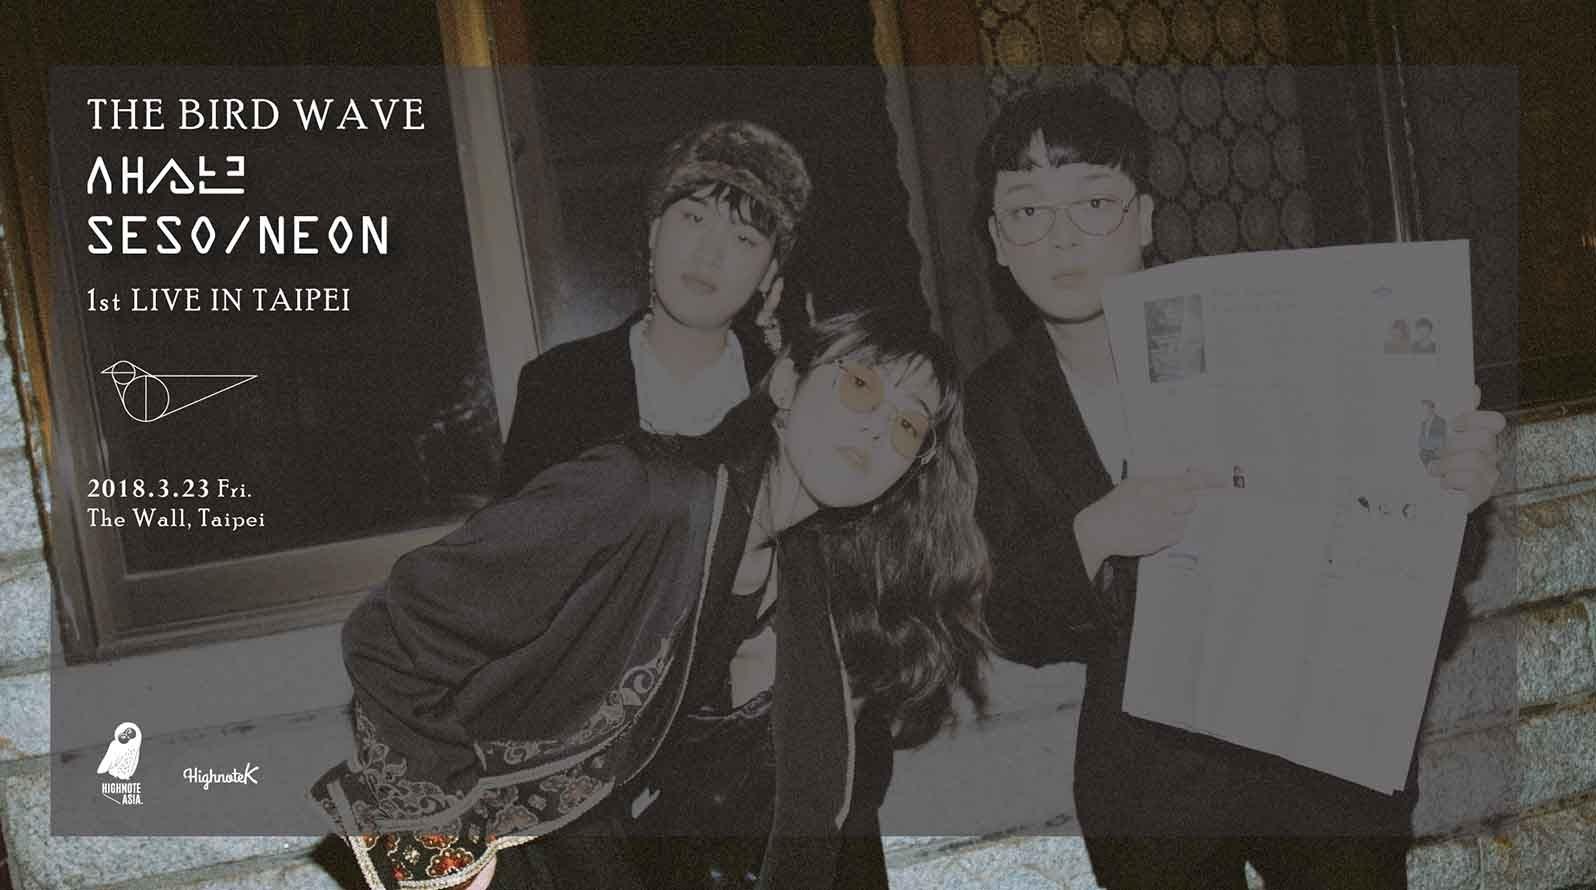 Hyukoh、BTS之RM齊聲力薦,瞬間引爆話題的女性主導K-indie樂團 Se So Neon 首度登台